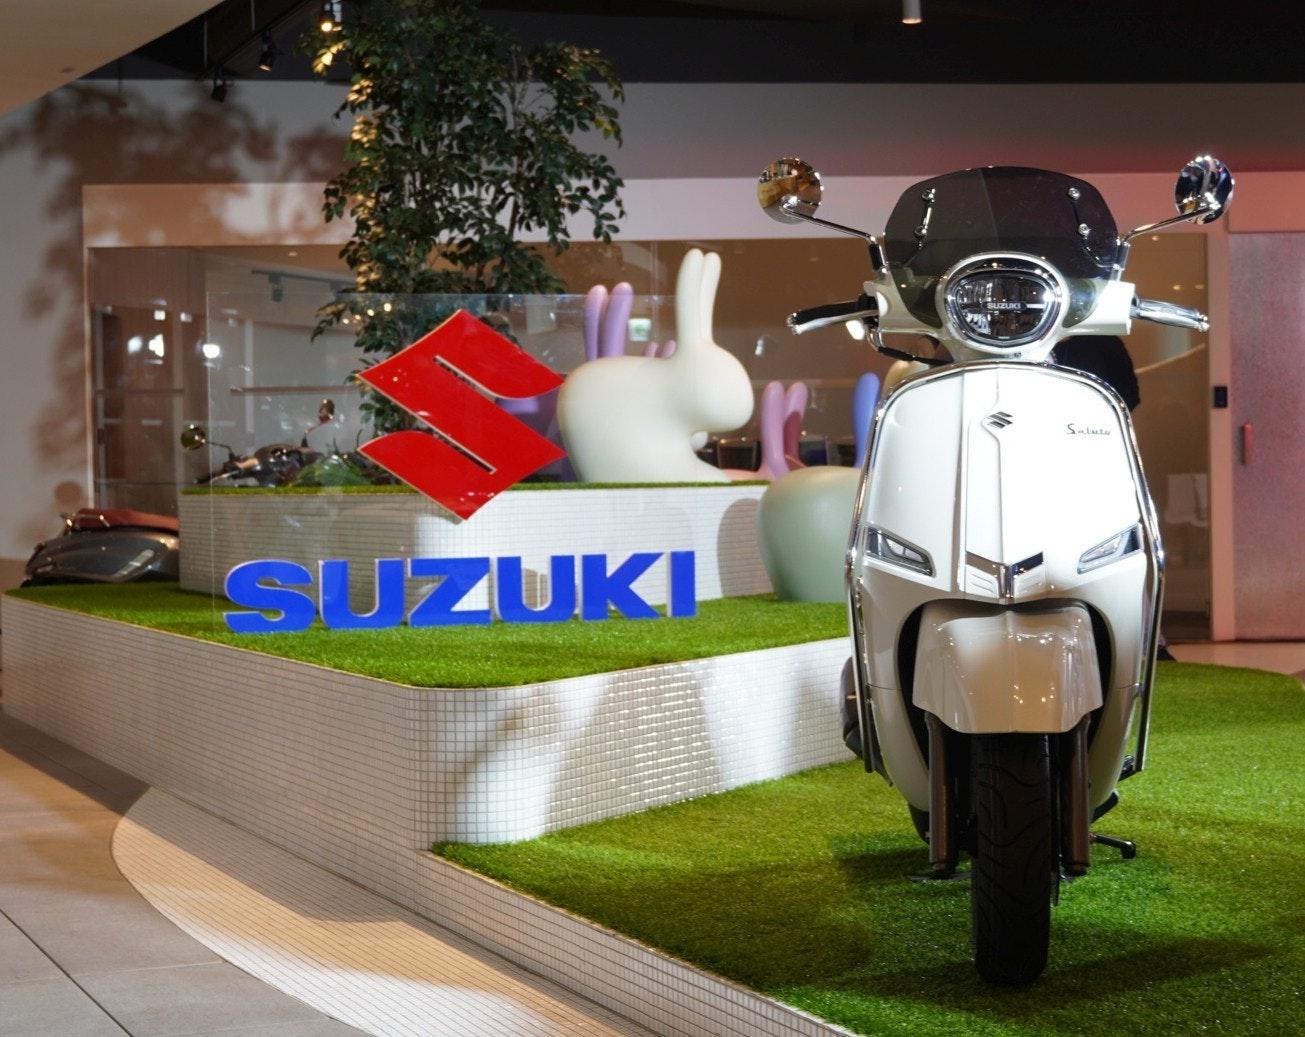 照片中提到了Salute、SUZUKI,跟鈴木、鈴木有關,包含了汽車、摩托車、汽車、摩托車、產品